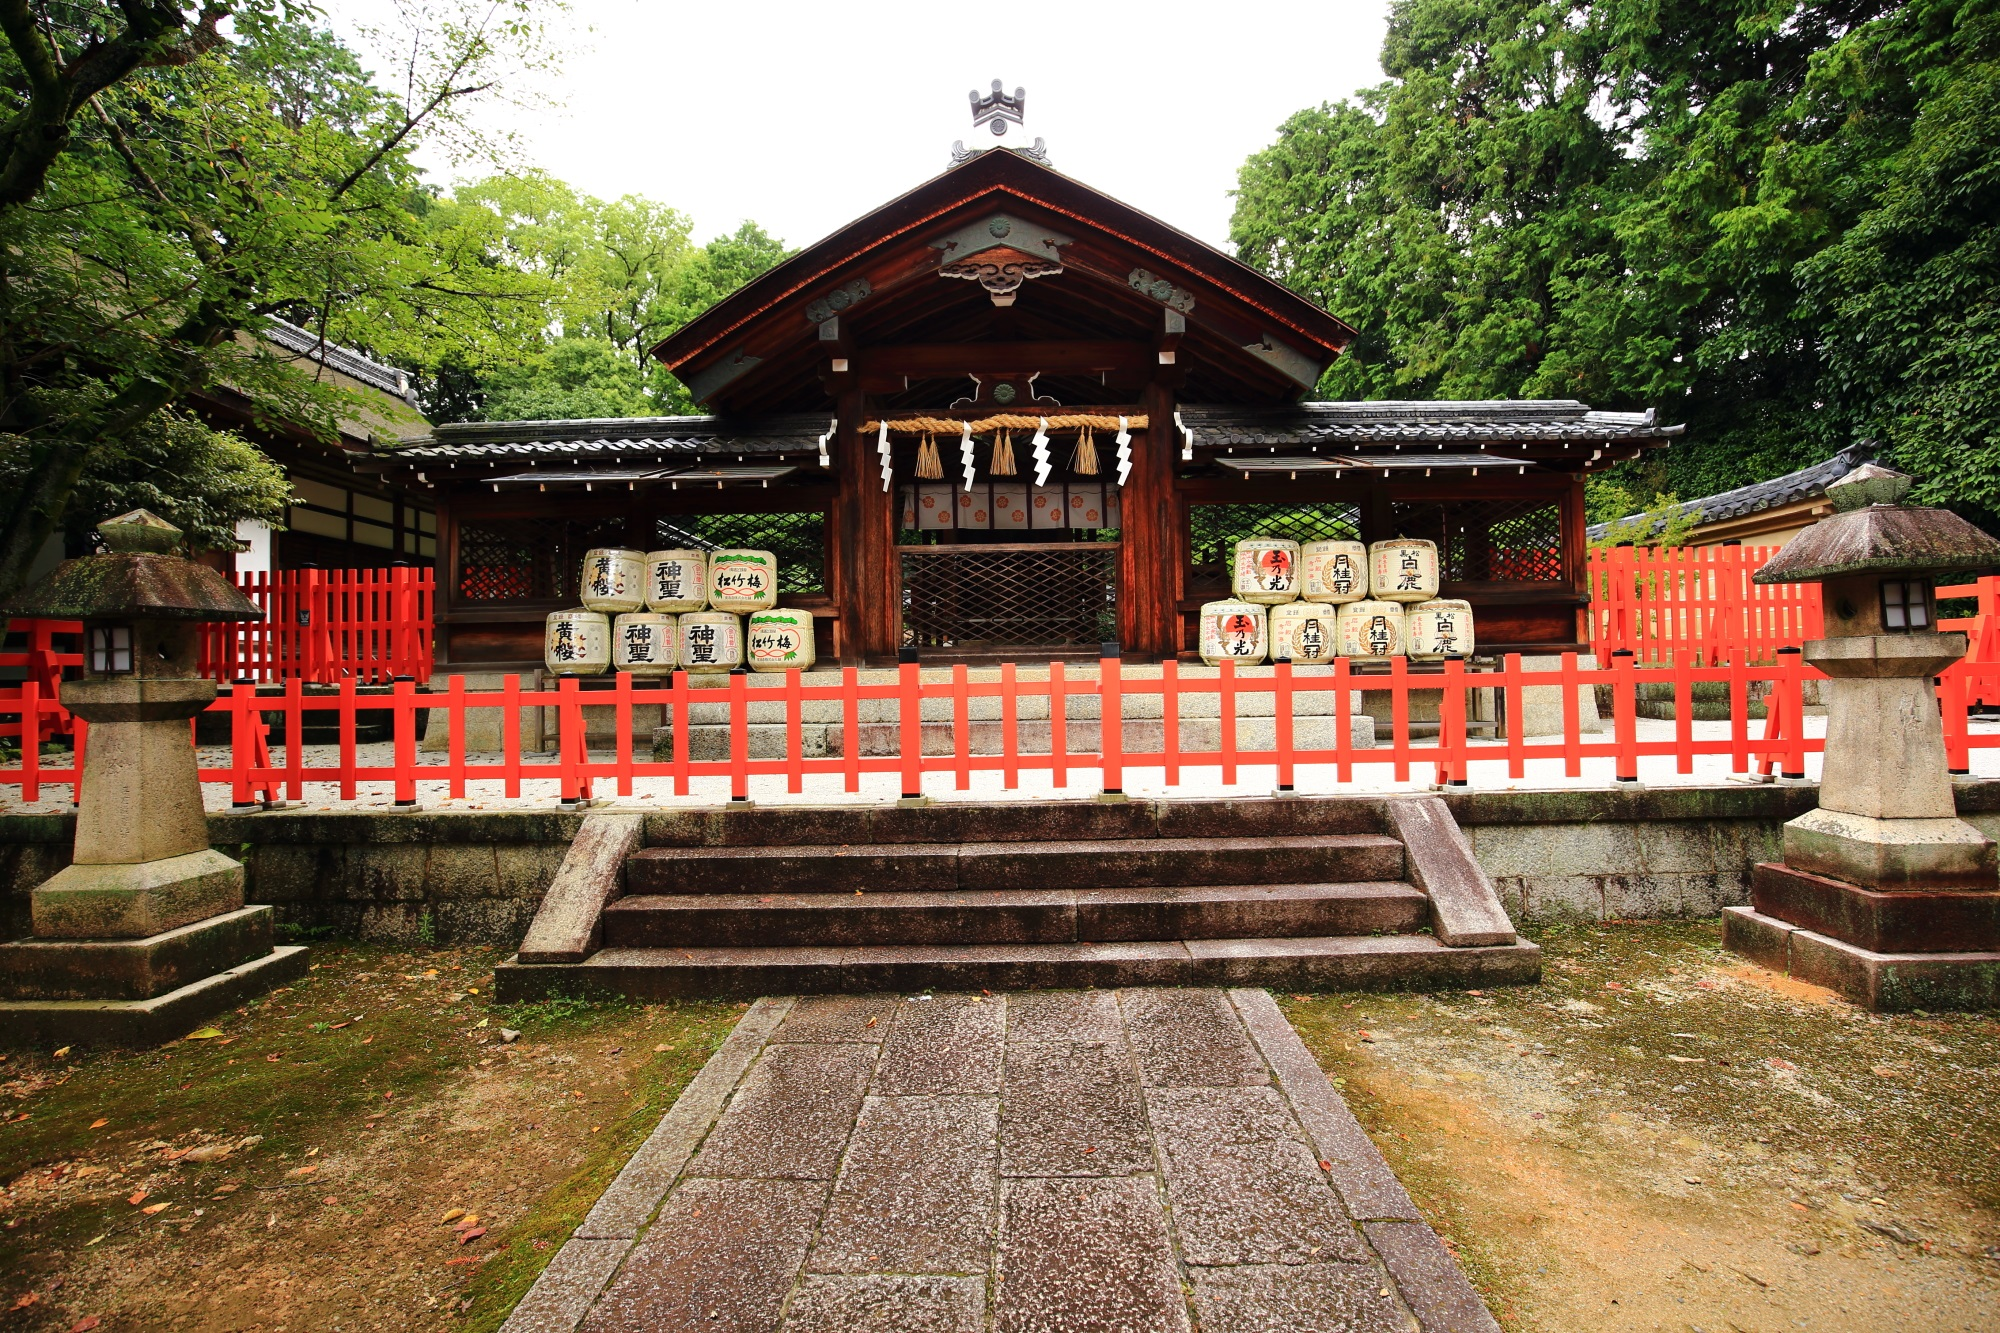 京都の織田信長を神とする建勲神社の神門と本殿